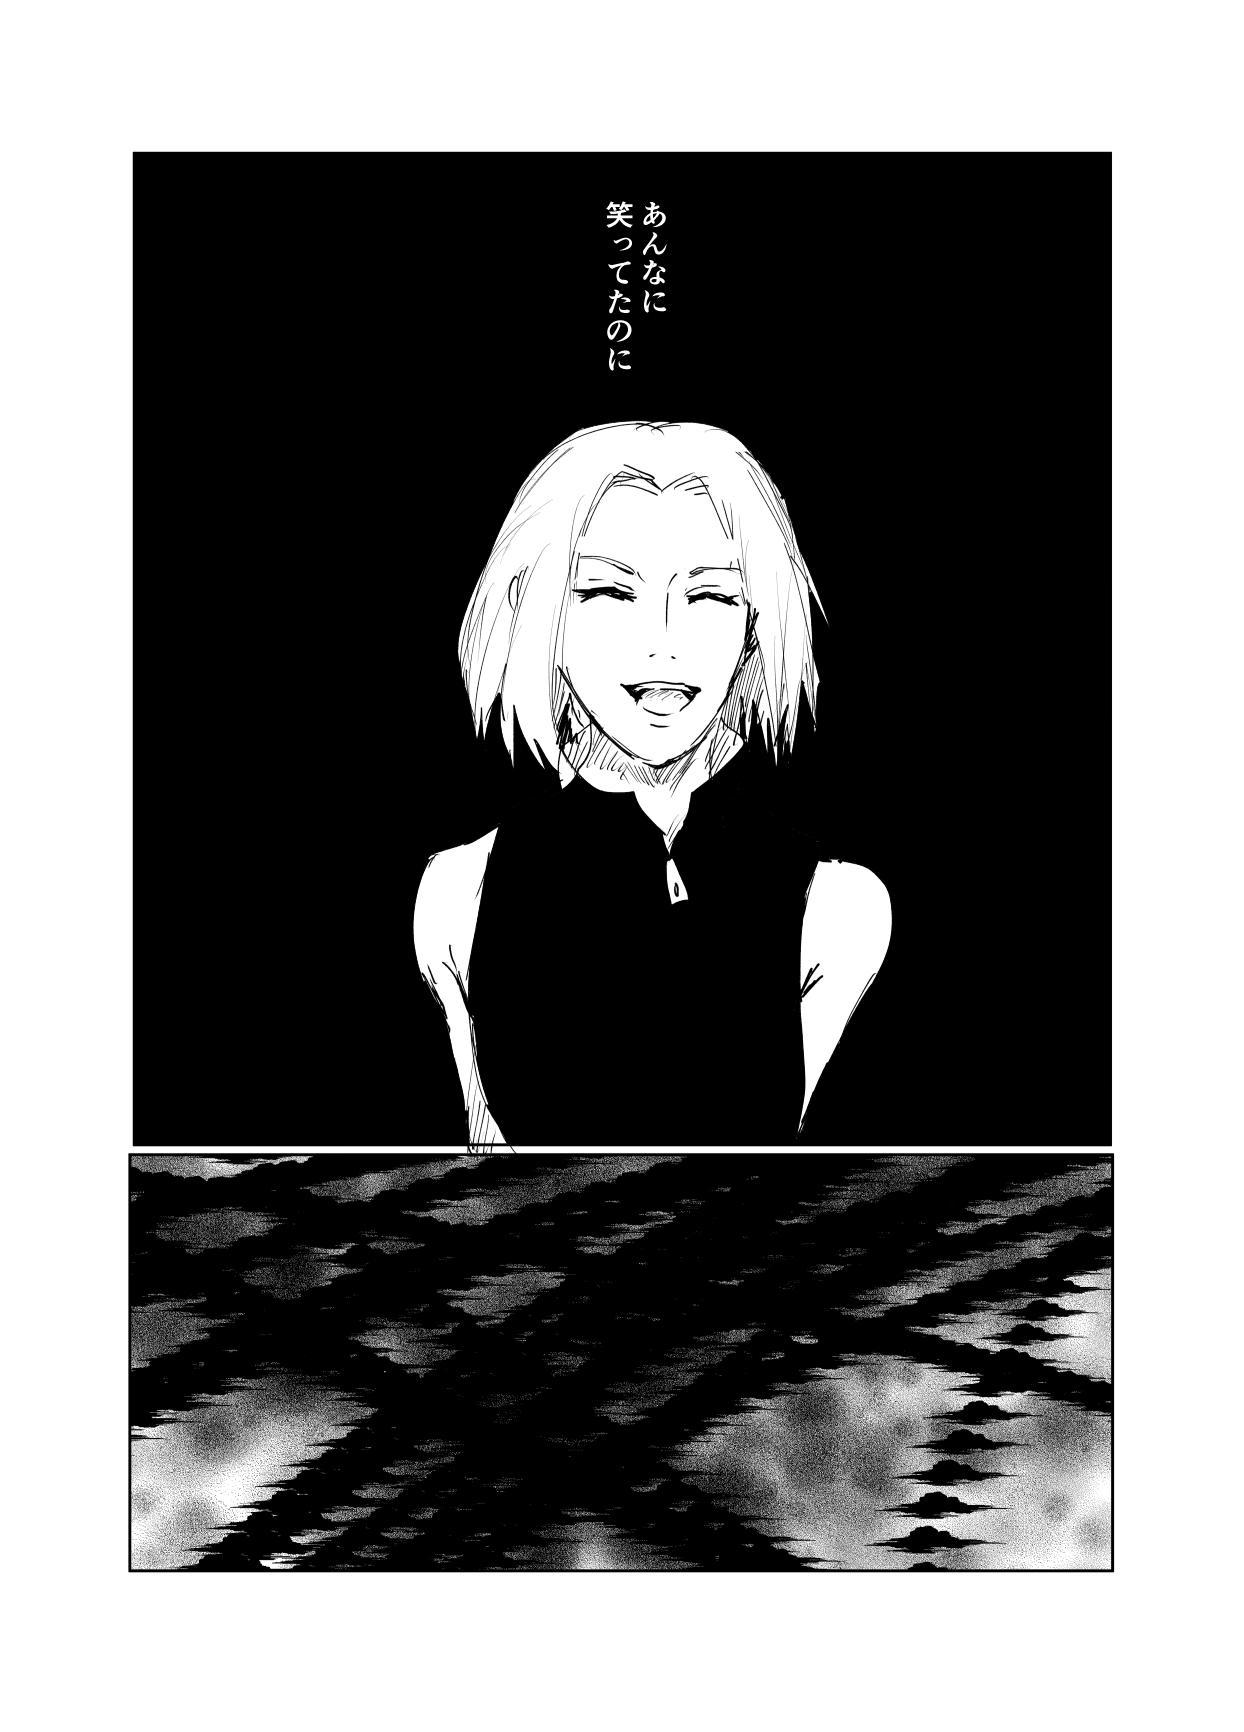 嘘告白漫画 65